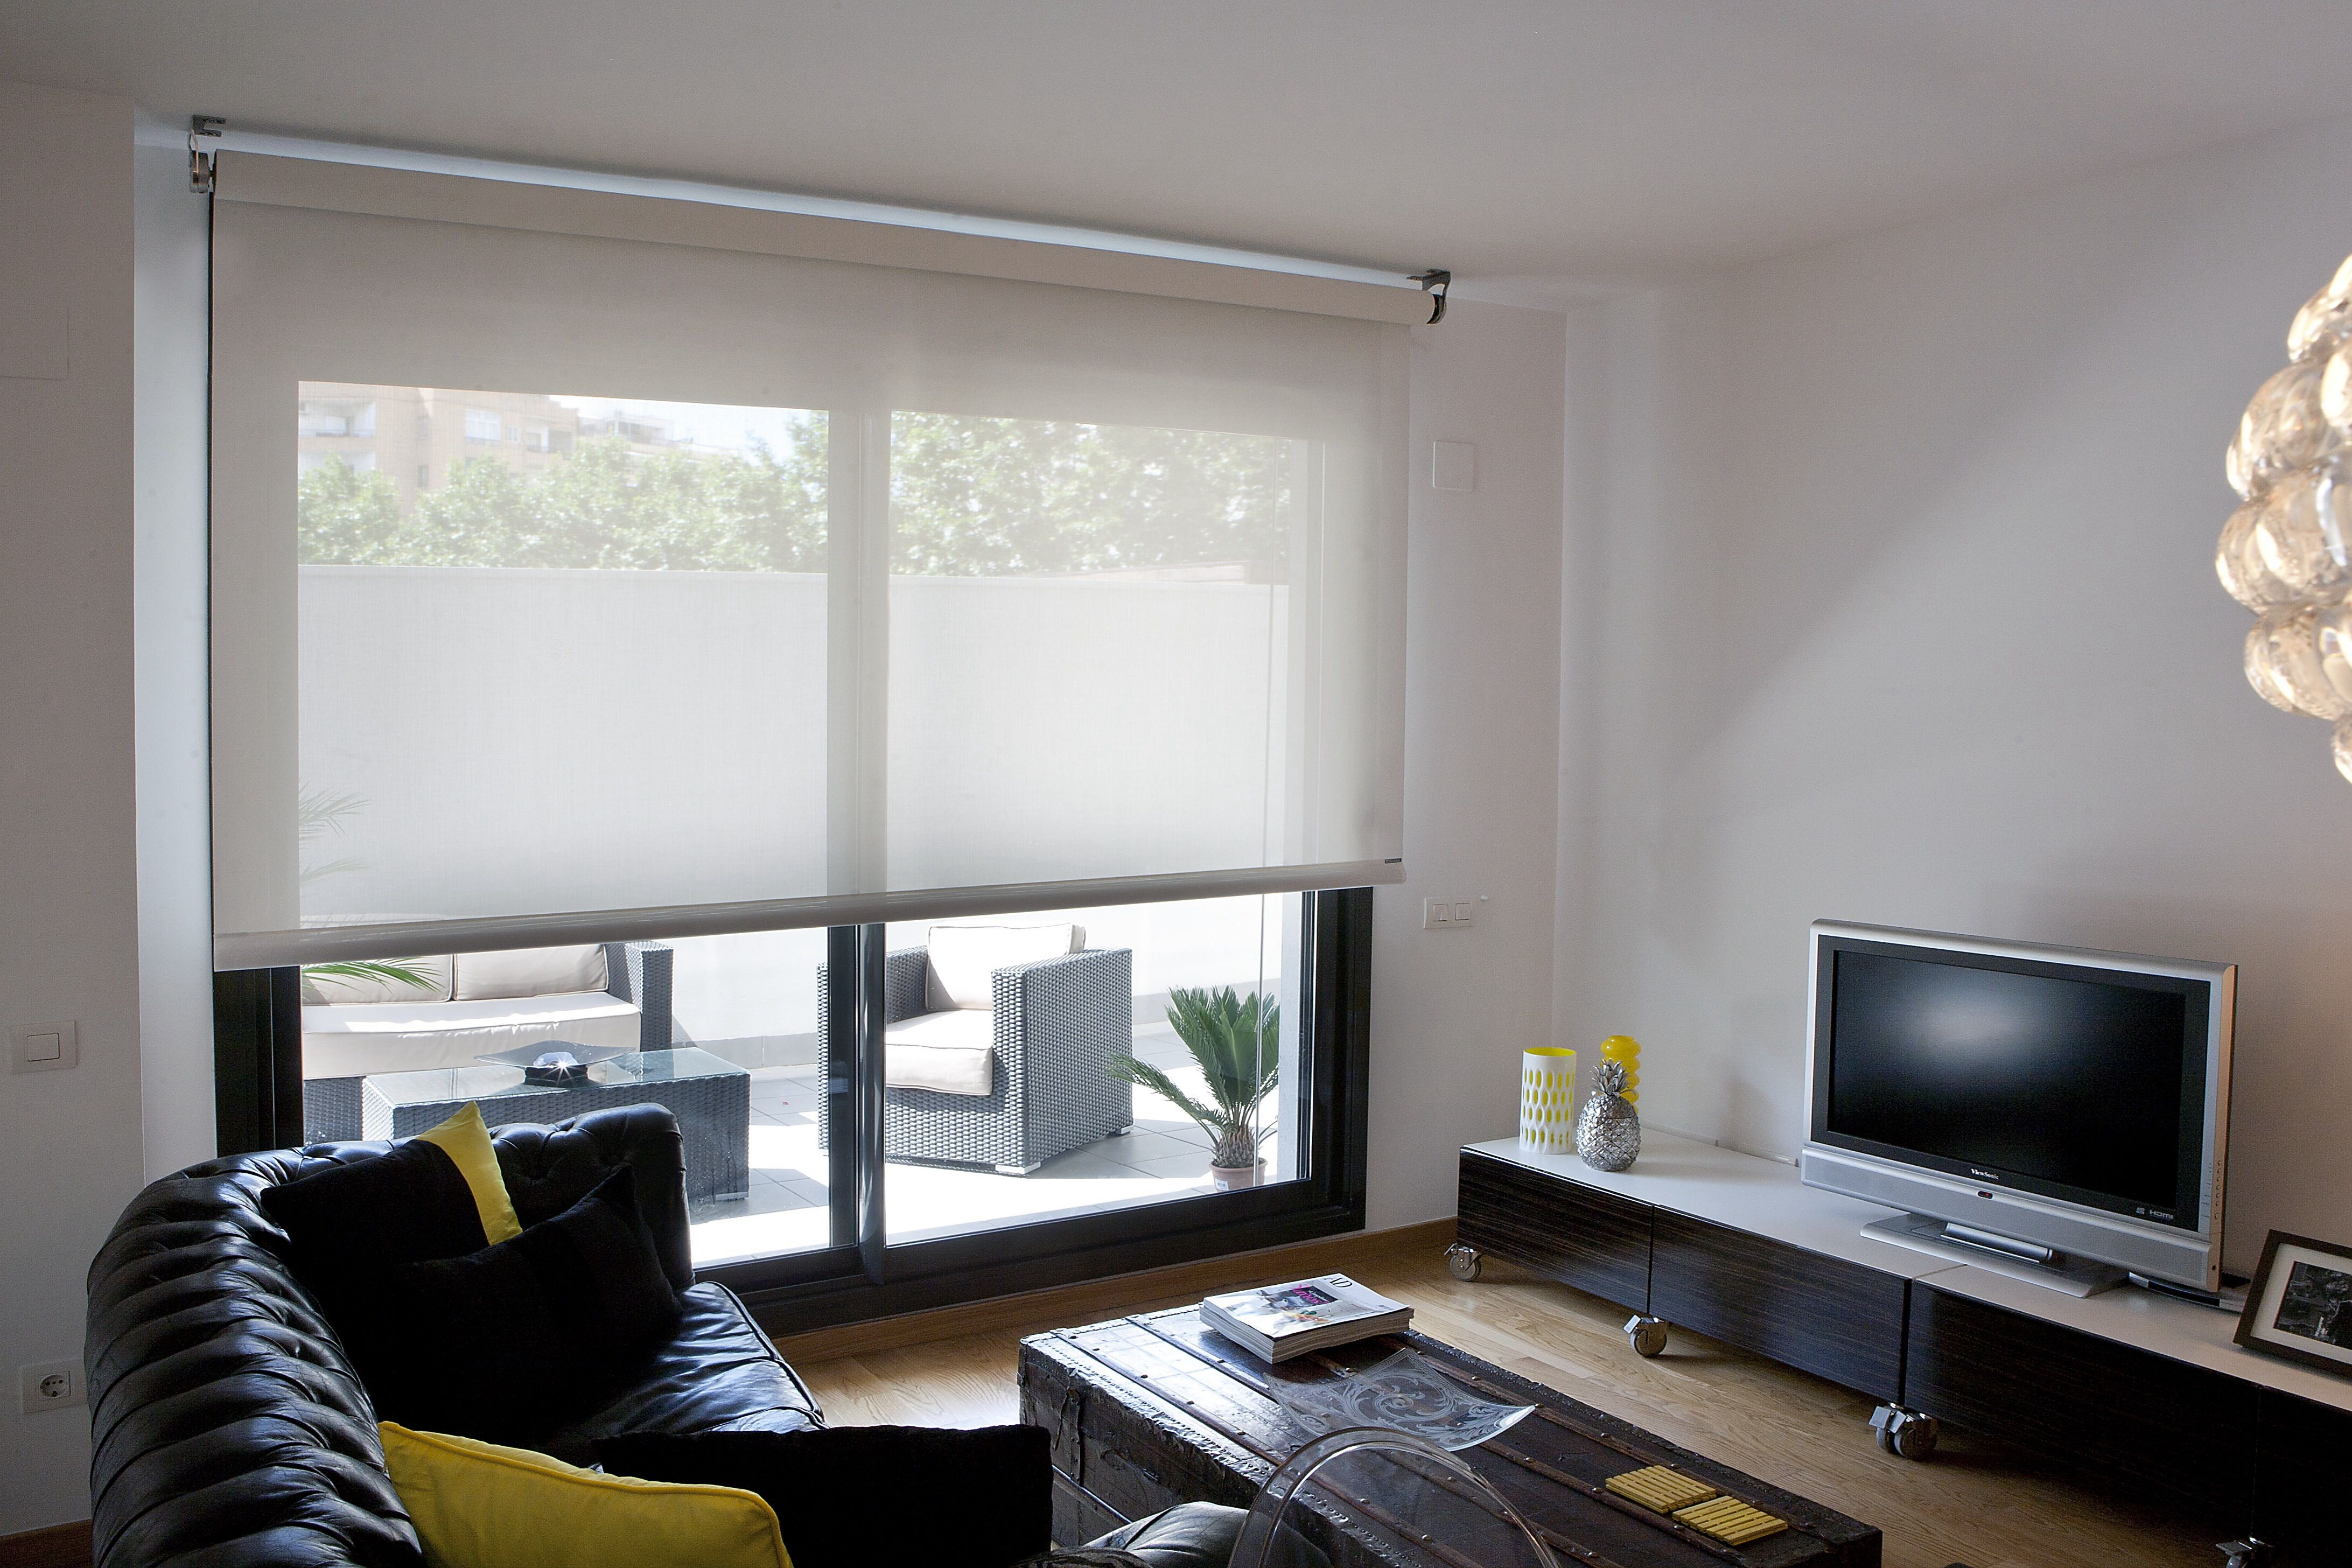 Espaziona cortinas y estores bandalux21 espaziona - Cortinas con estores ...